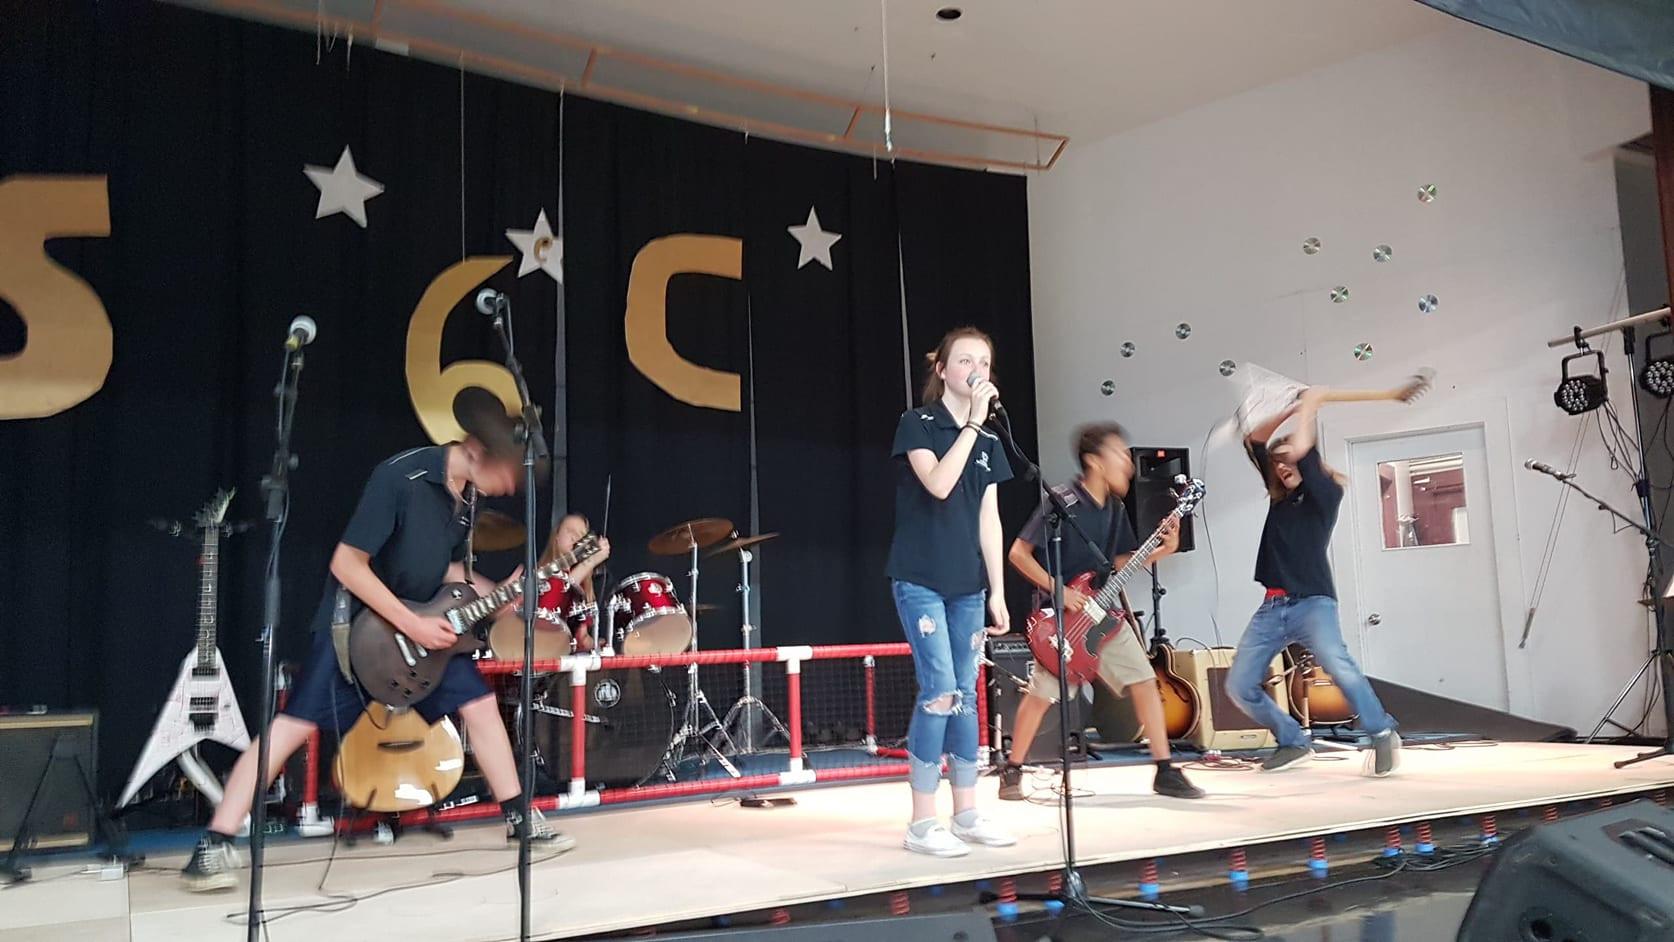 École secondaire Champagnat, Guillaume-Couture - Photo de concert